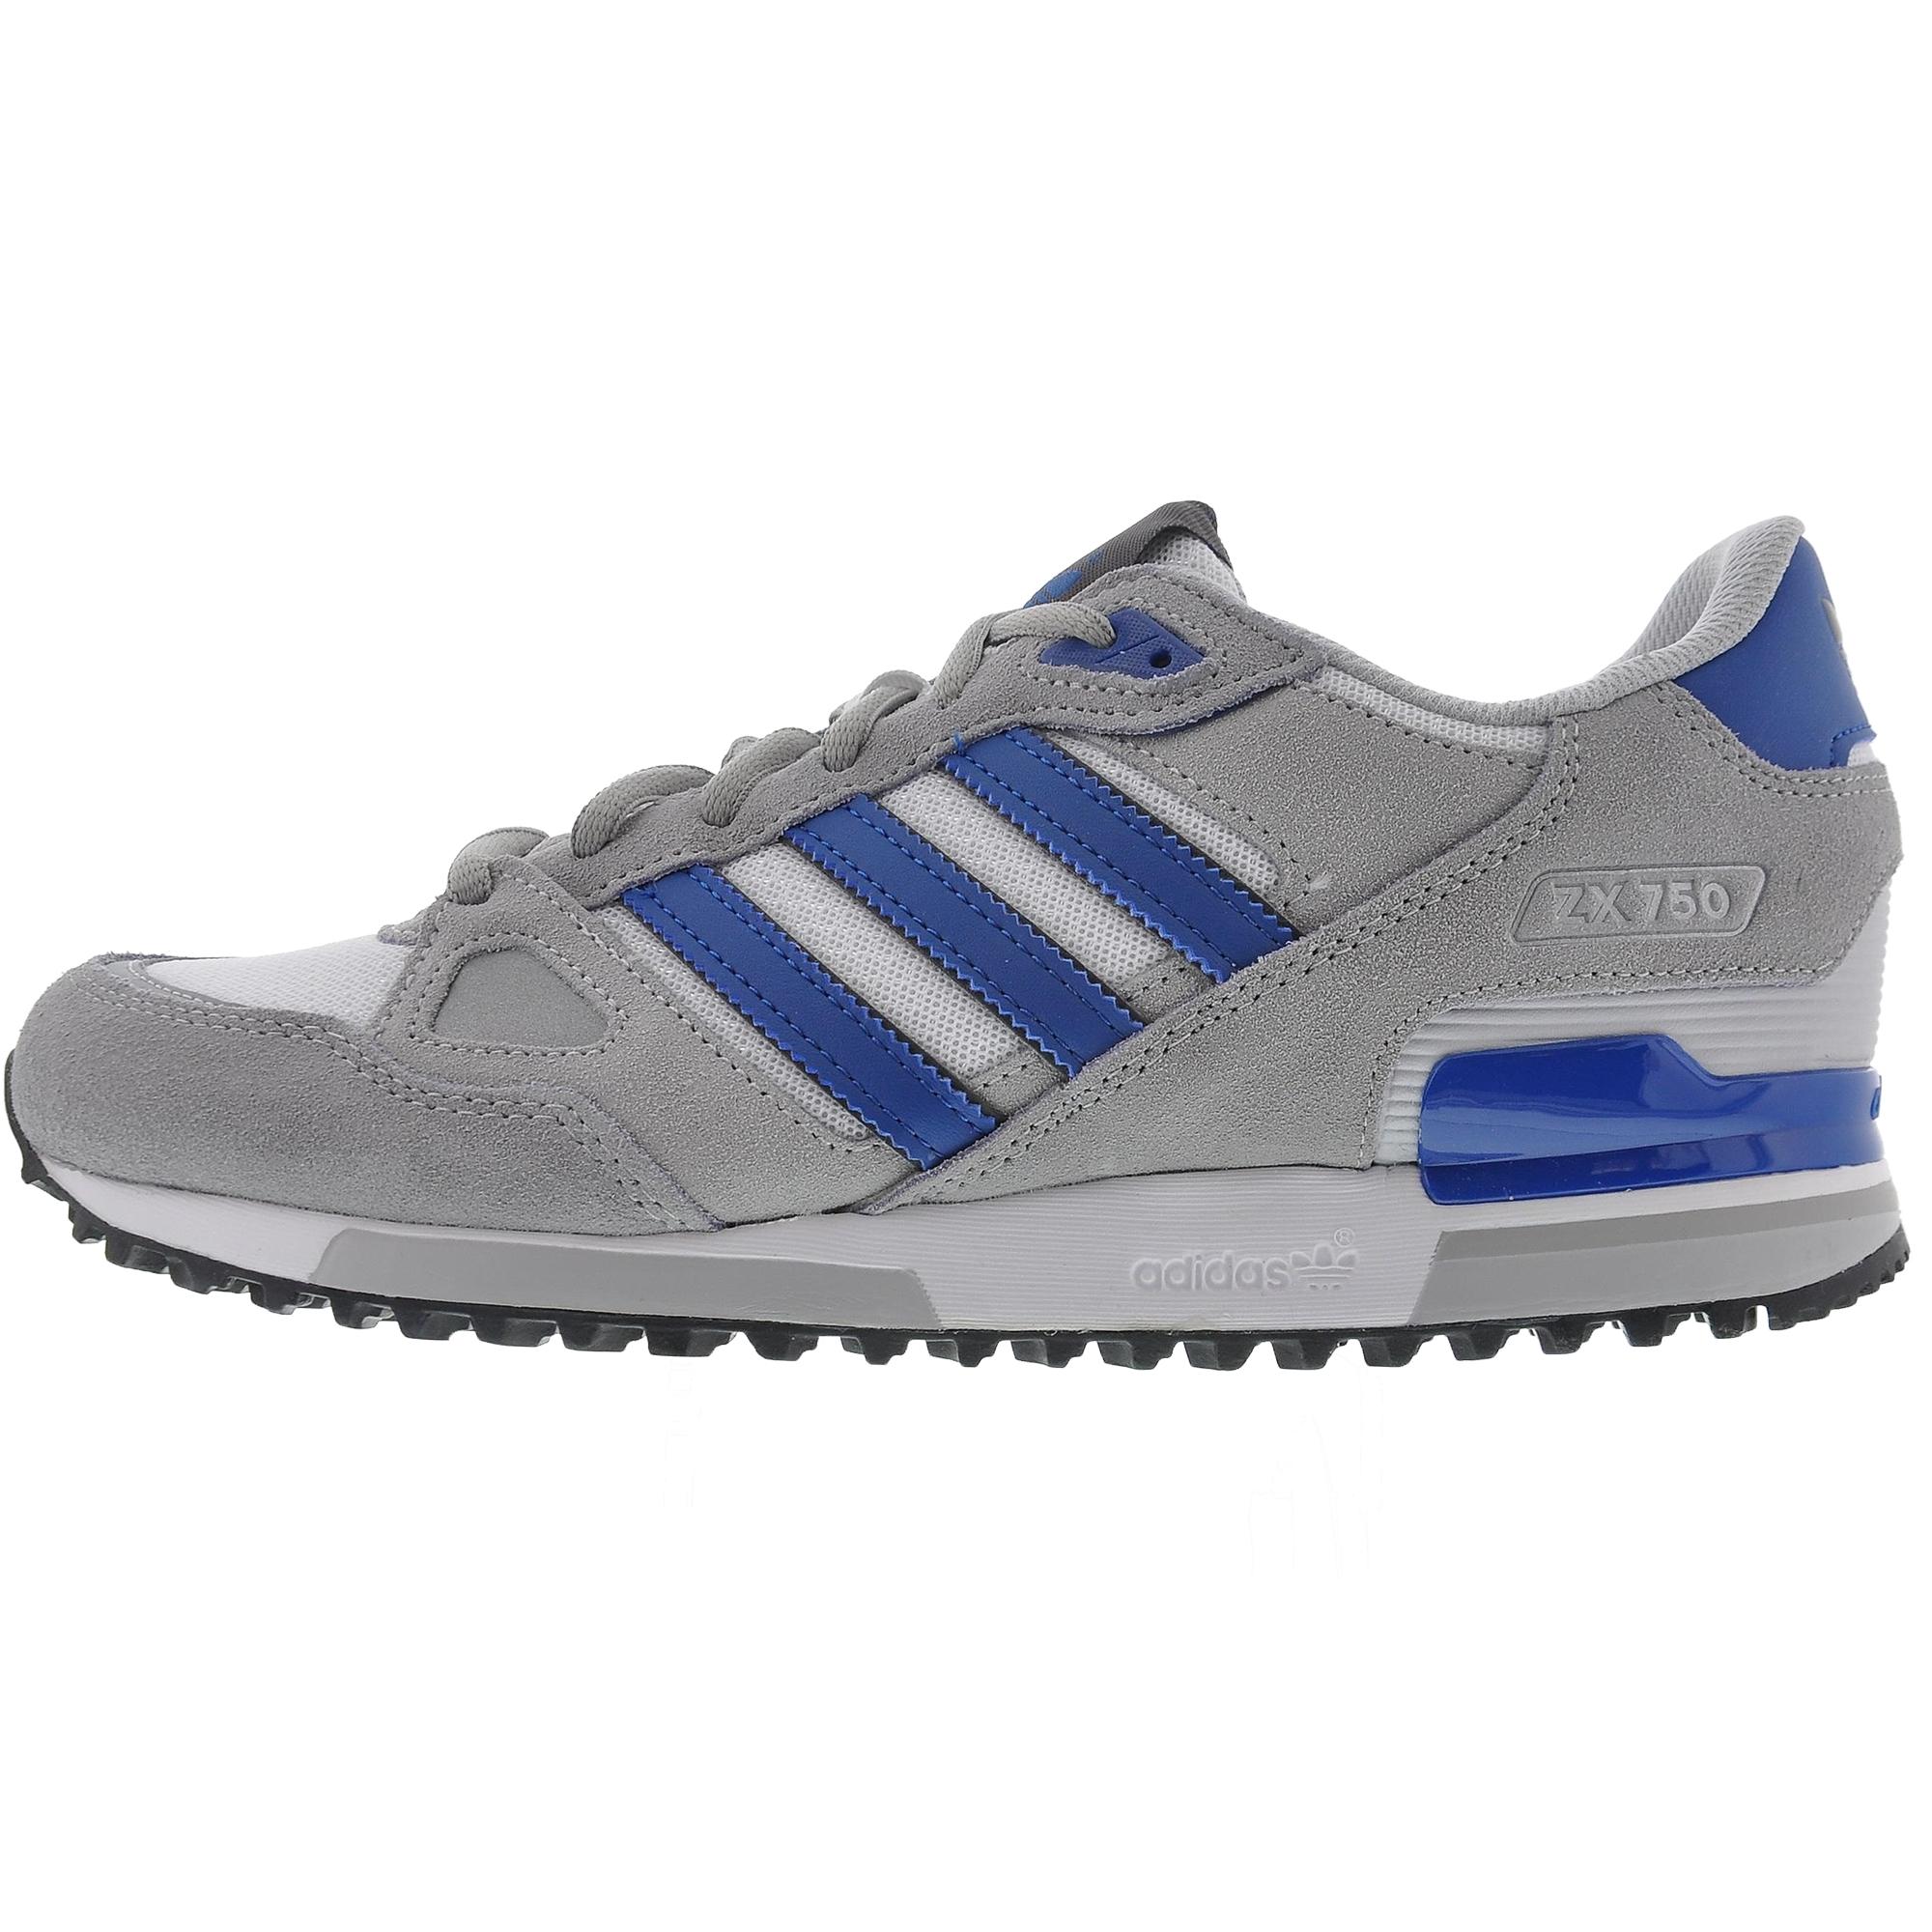 a5f1609db ... norway adidas zx 750 fiyat 4ce04 0ab0c